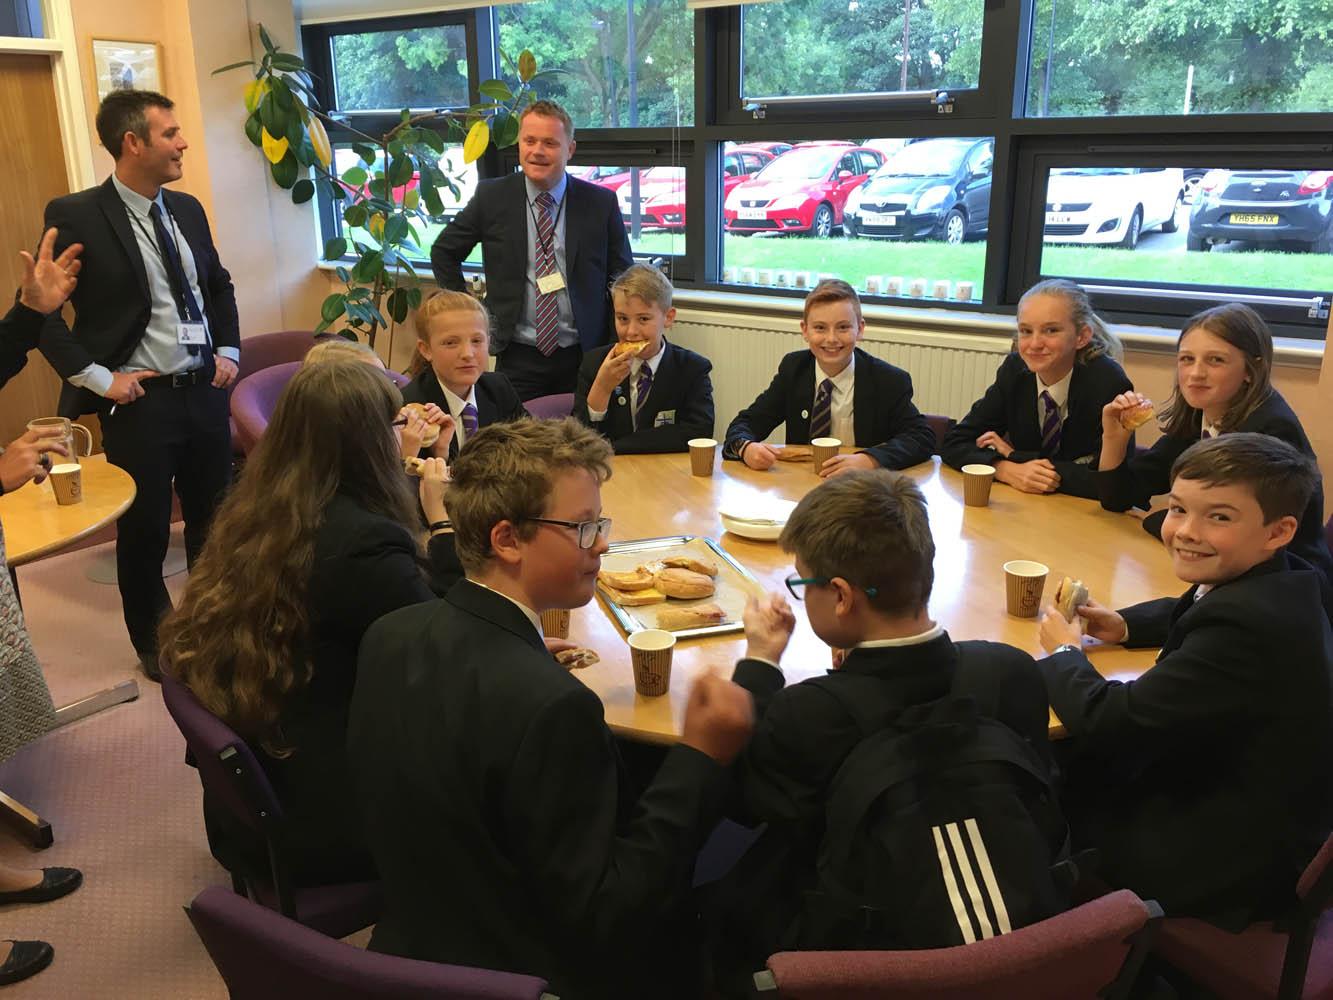 Enjoying 'The Big Breakfast' in Mr Beardsley's office